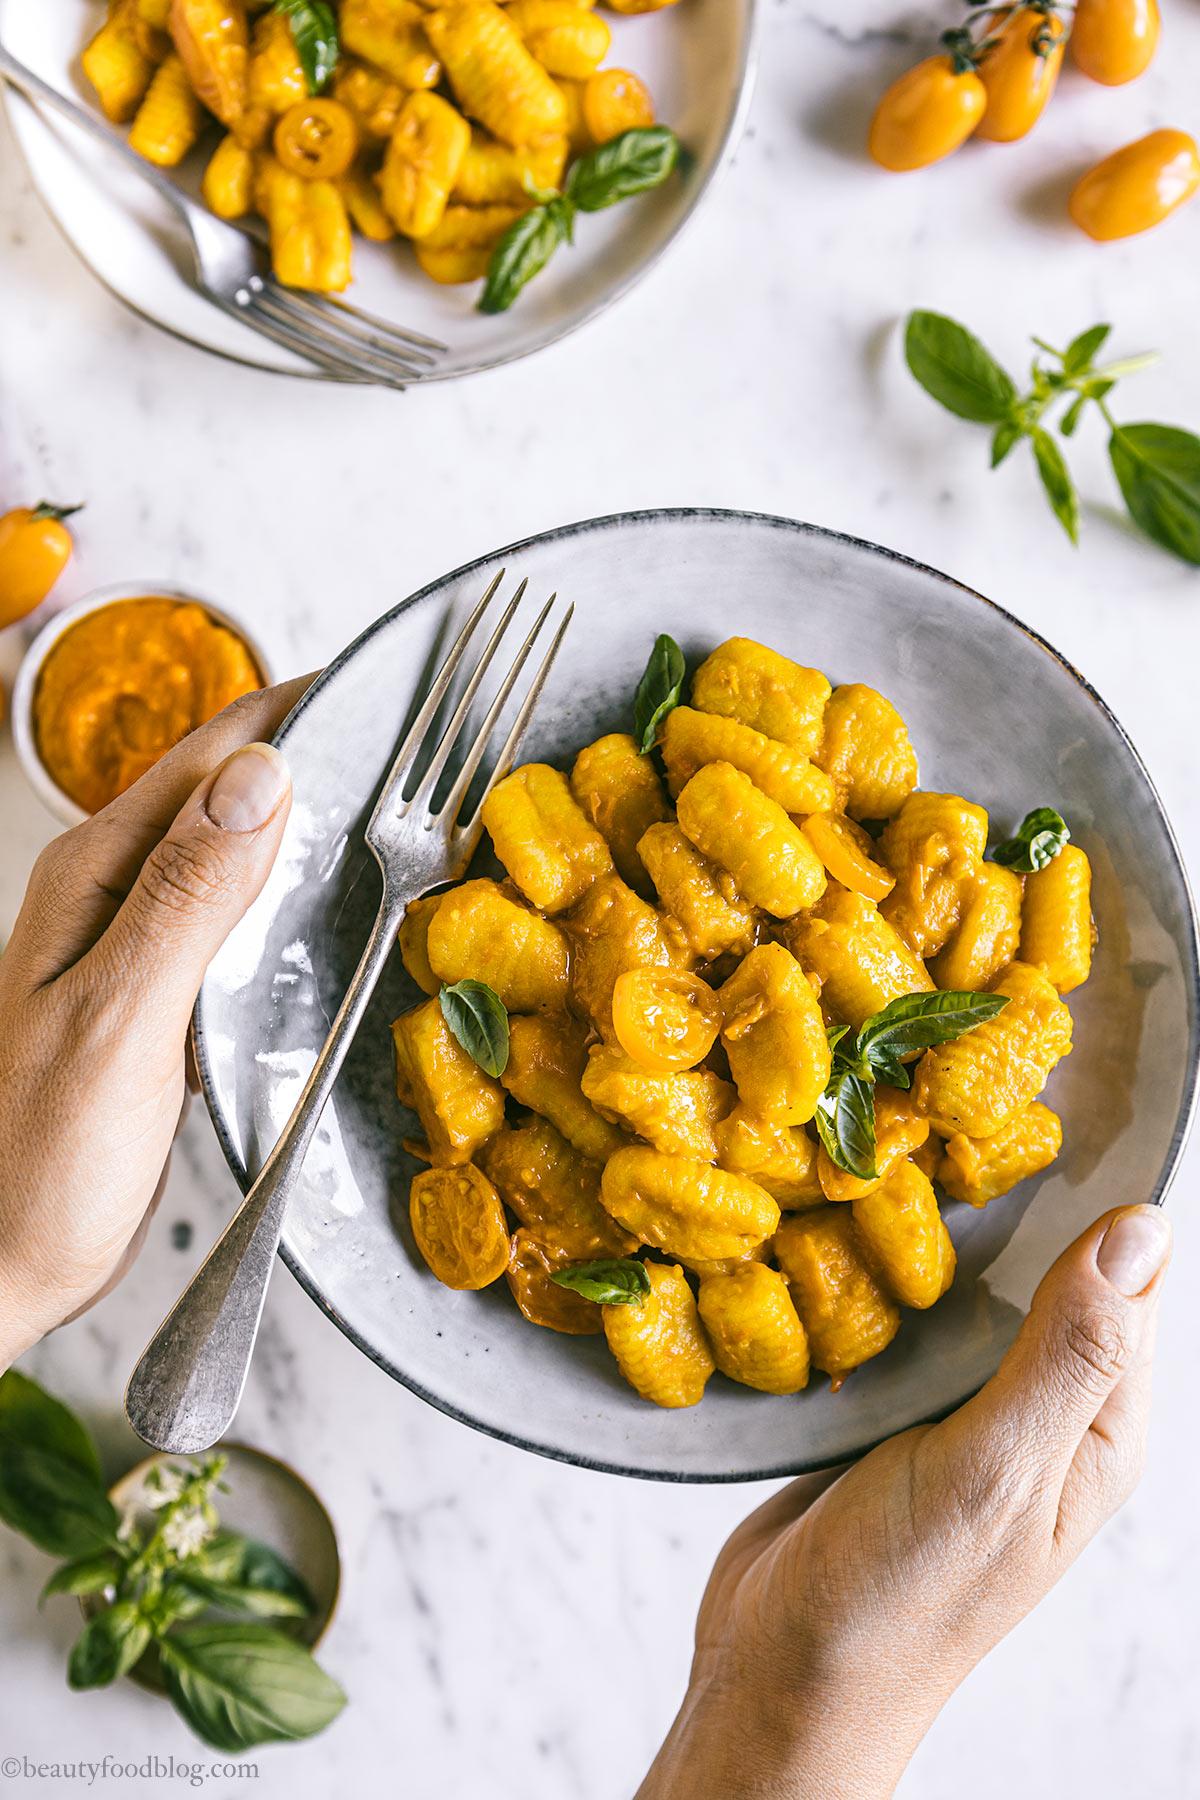 mano con piatto e gnocchi ai pomodorini gialli hand holding dish with vegan gnocchi with yellow tomato sauce